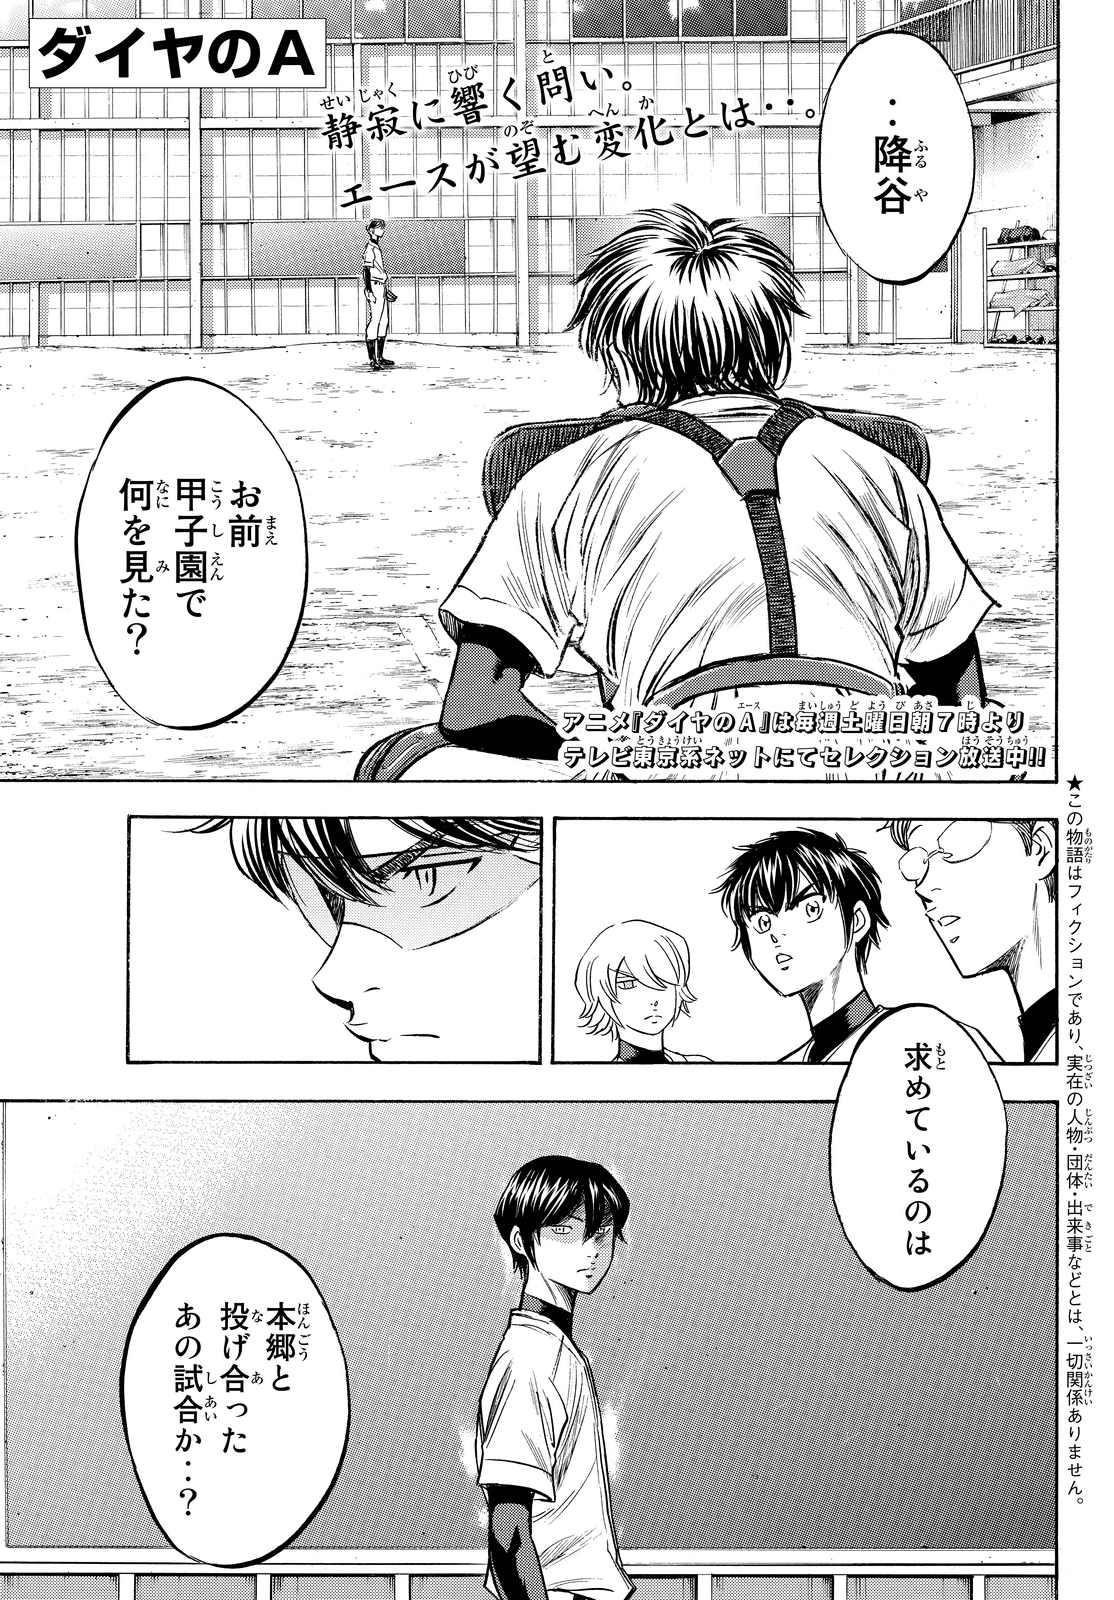 Daiya no A Act II - Chapter 035 - Page 1